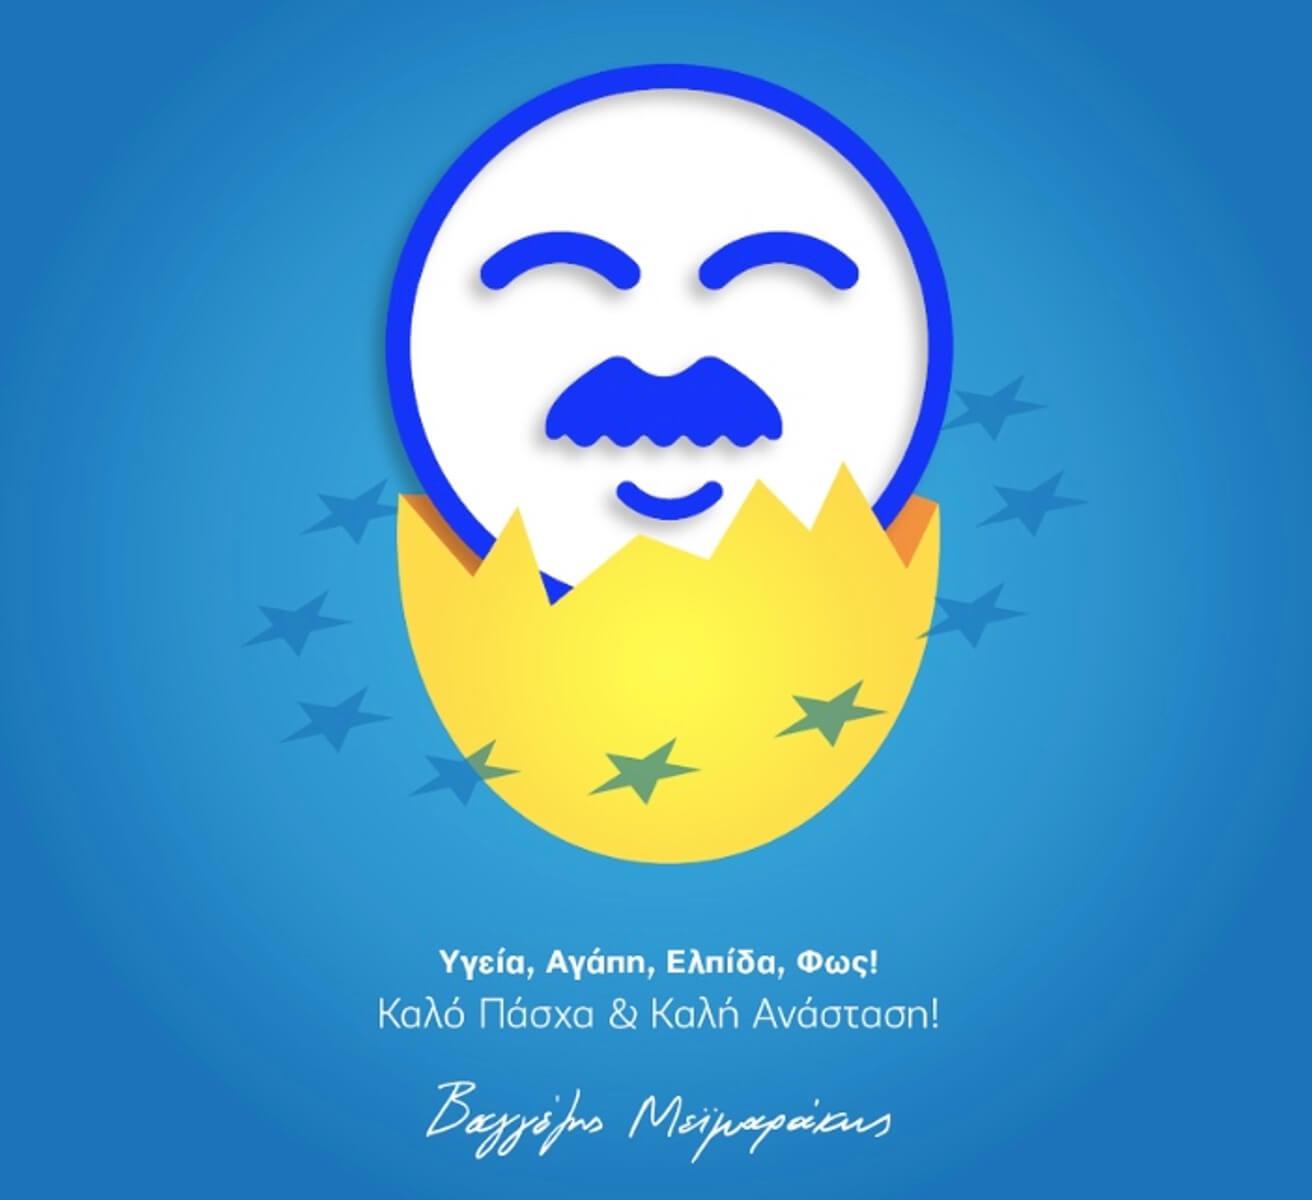 """Βαγγέλη """"έγραψες"""" και φέτος! Ευχές με άρωμα ευρωεκλογών στην κάρτα του Μεϊμαράκη"""